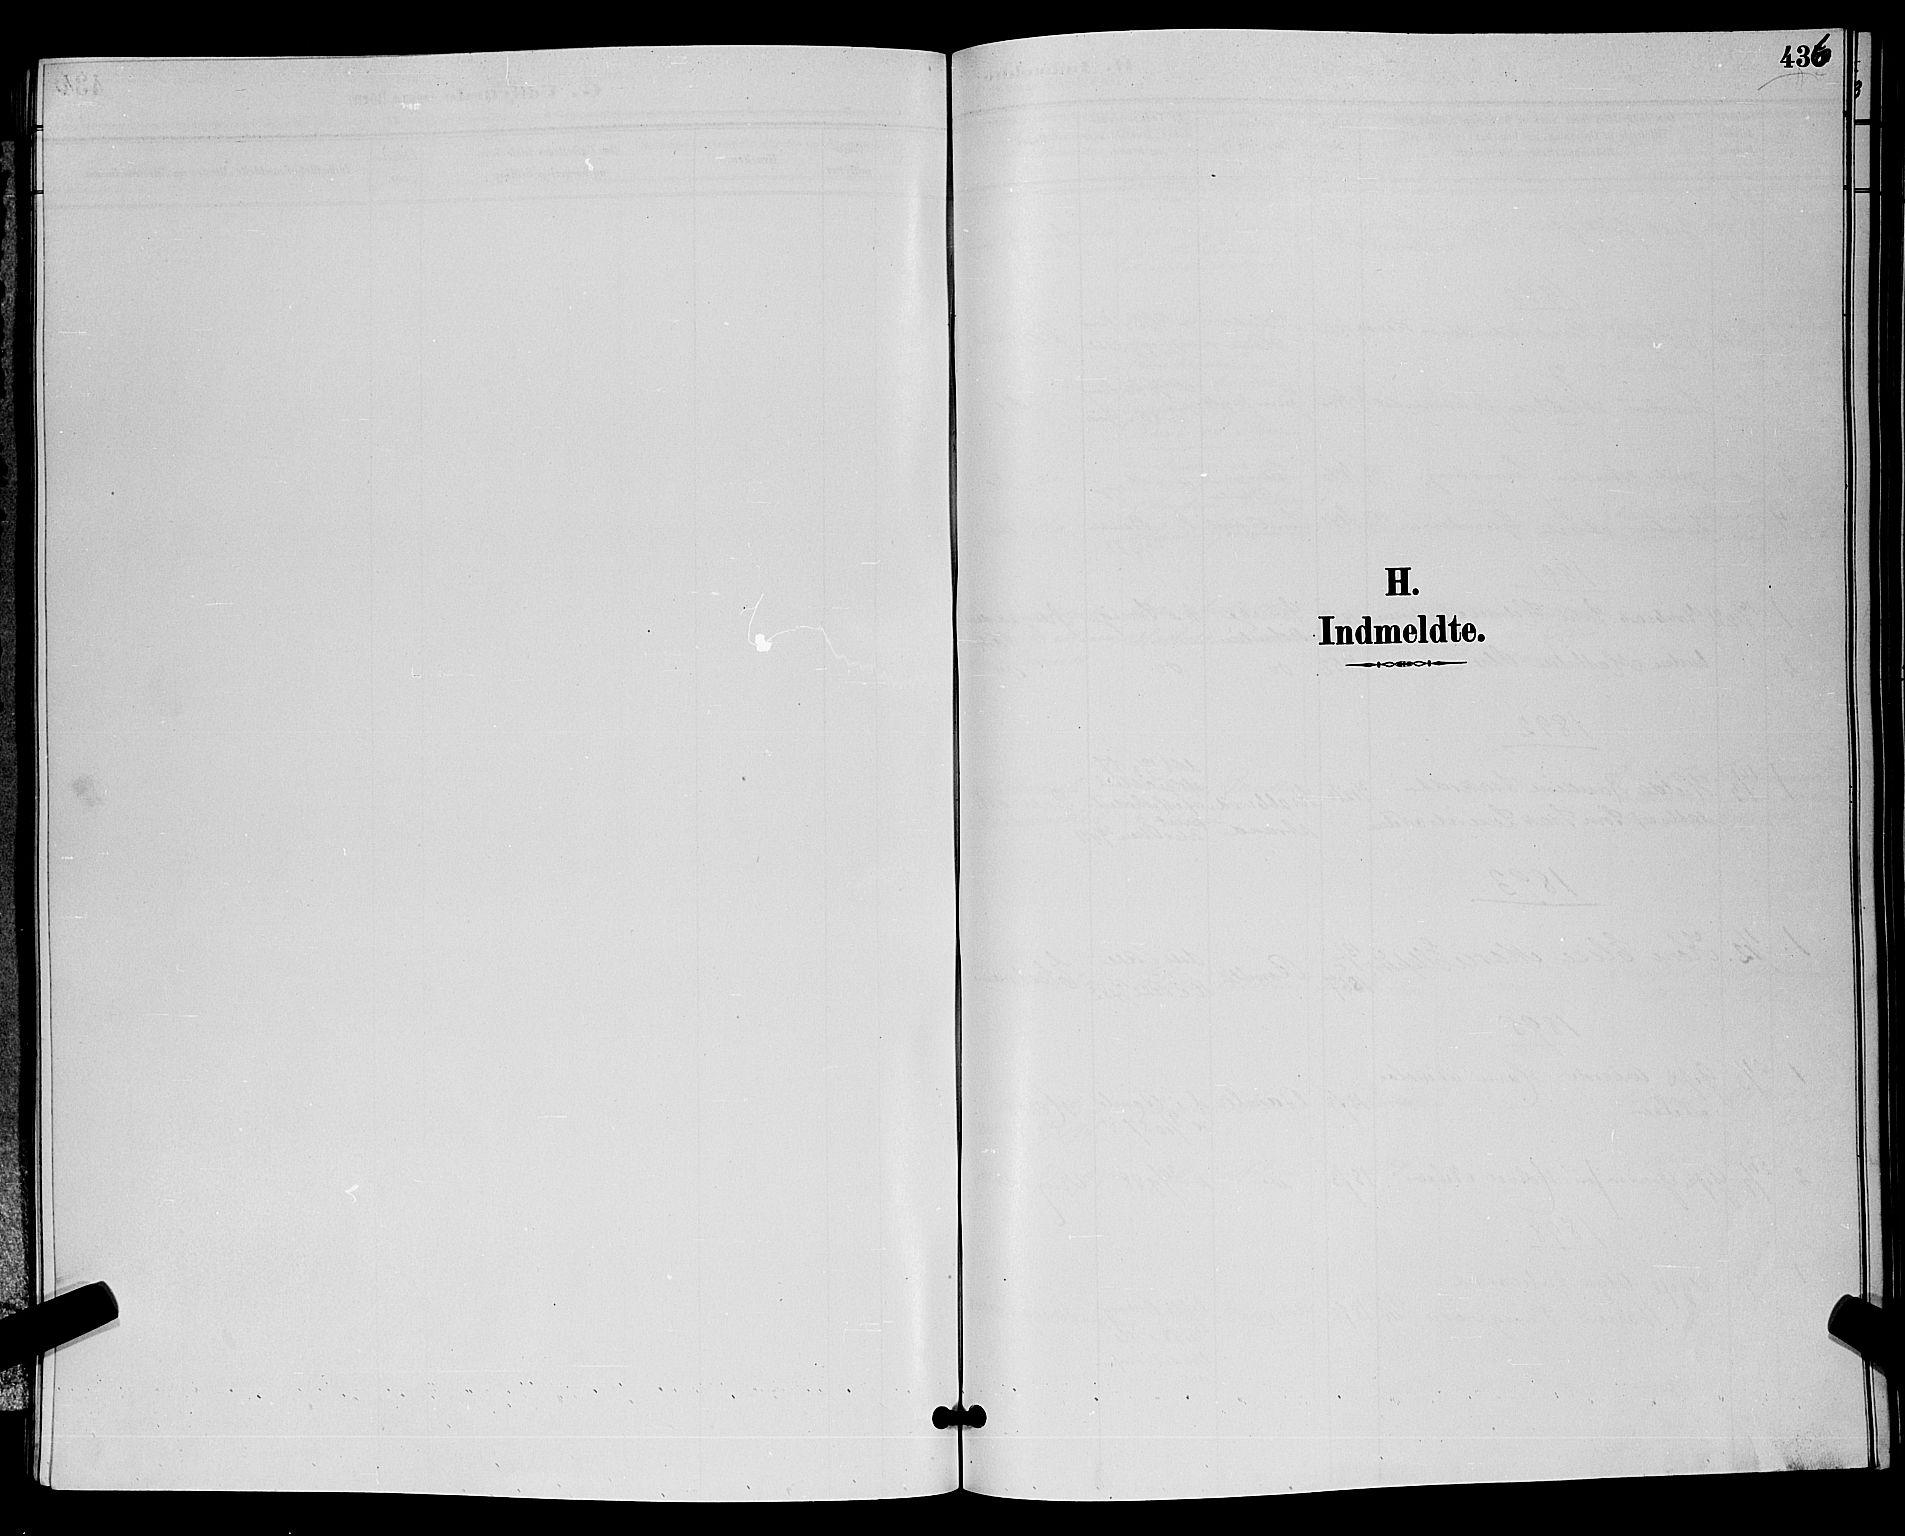 SAKO, Bamble kirkebøker, G/Ga/L0009: Klokkerbok nr. I 9, 1888-1900, s. 436